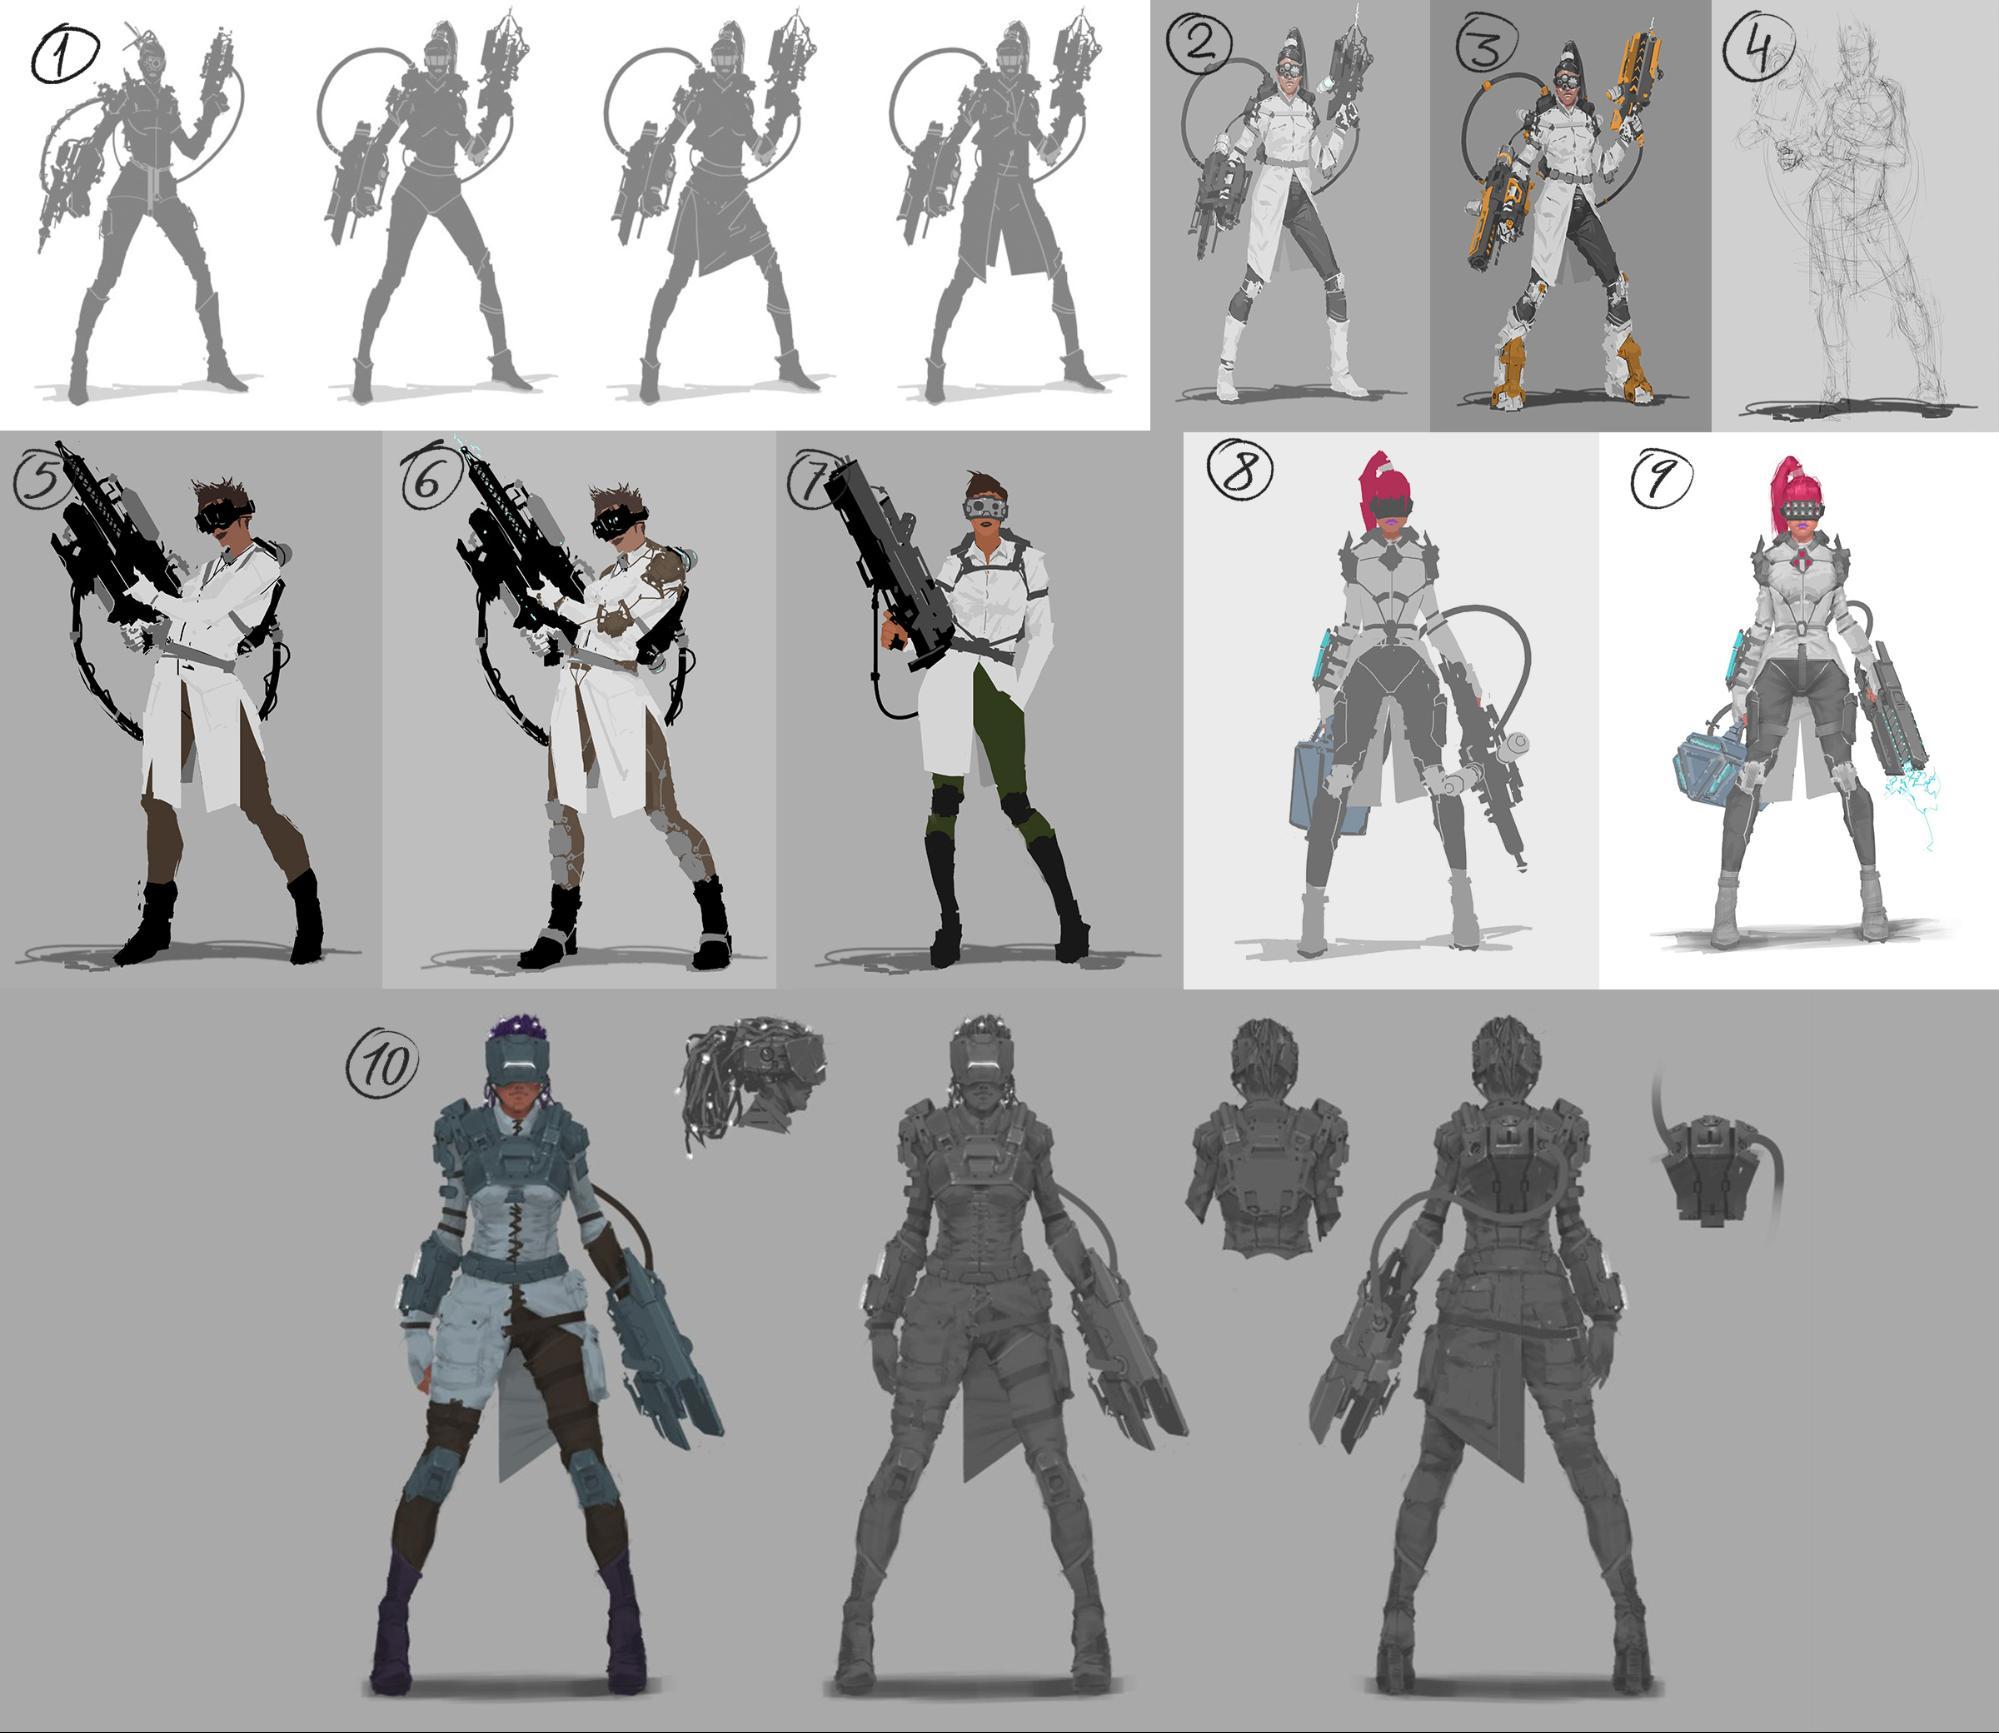 Рефлексия геймдизайнера: персонажи для игры, которая не вышла - 17